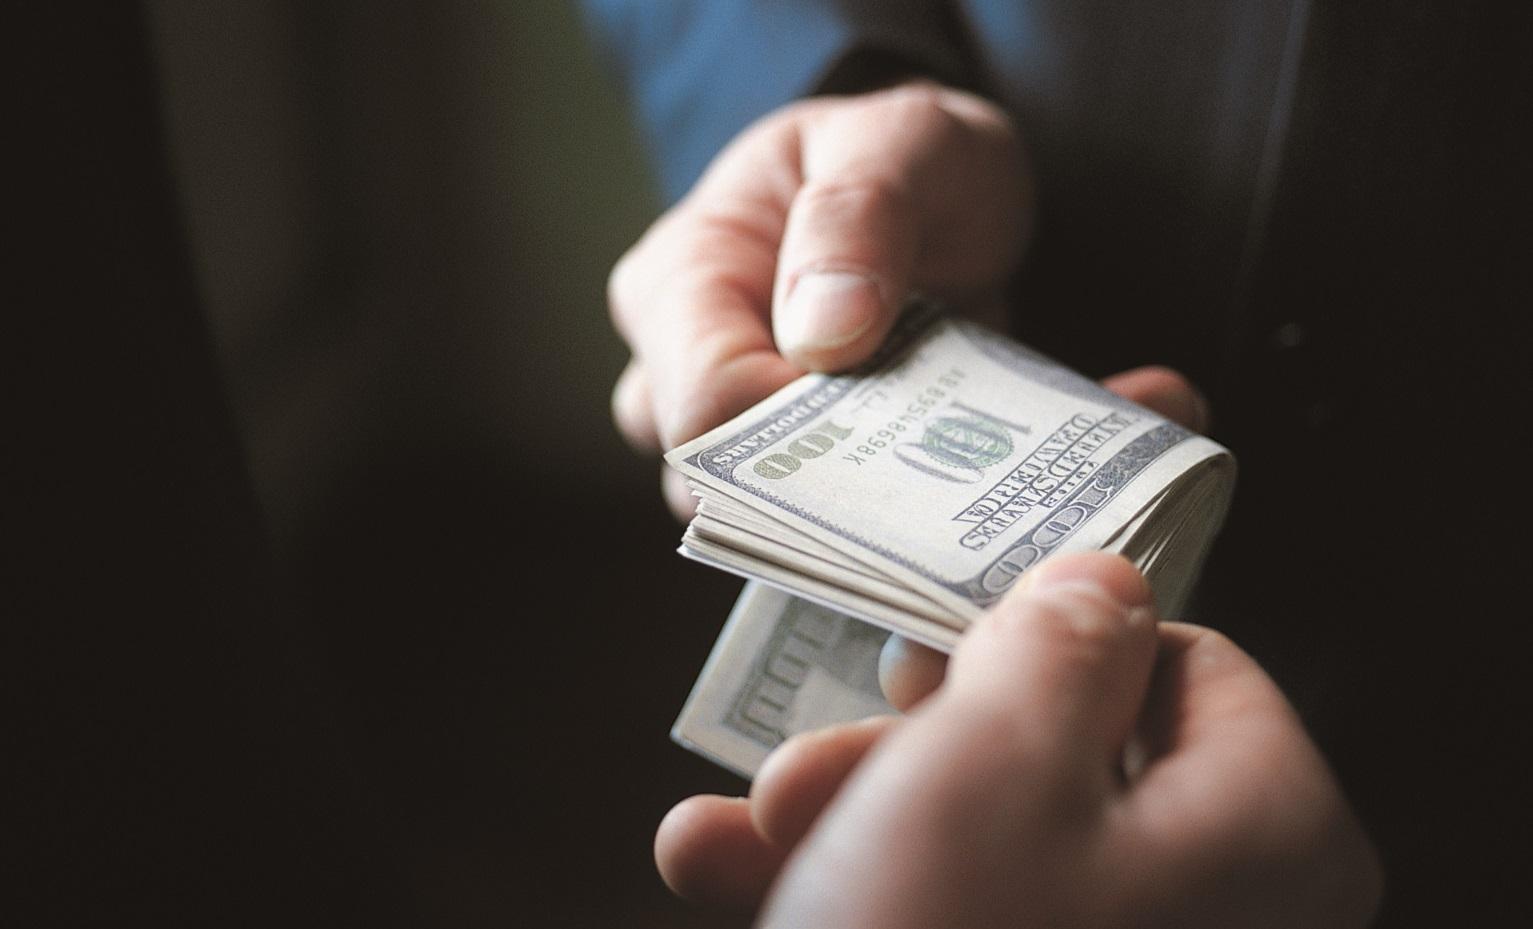 в США как легально тратят триллионы Коррупция в США как легально тратят триллионы